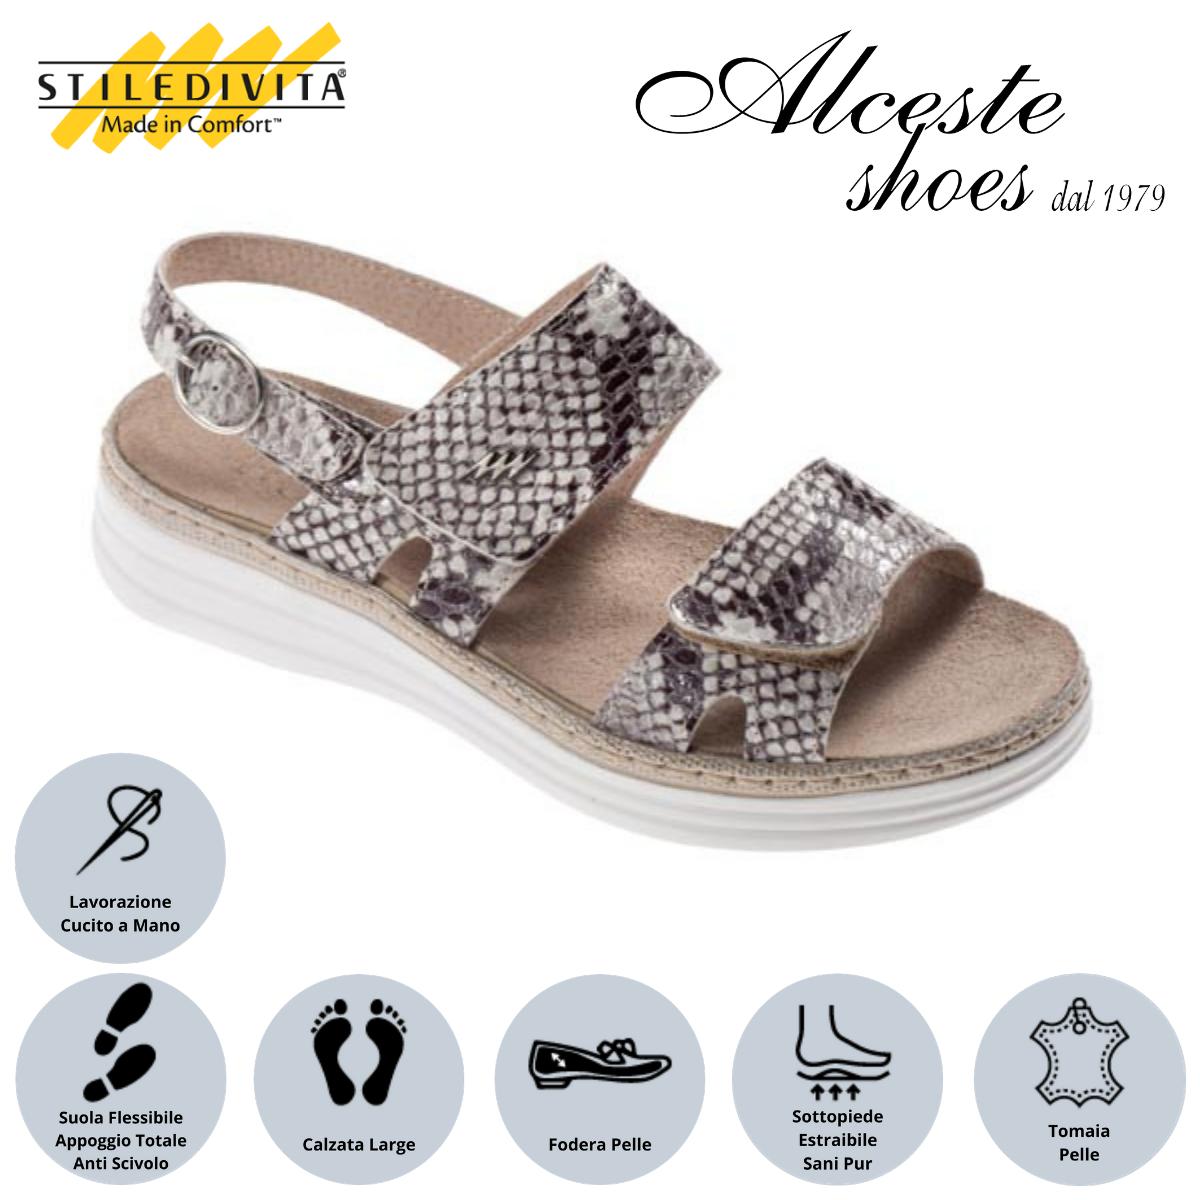 Sandalo con Strappi Stiledivita Art. 8242 Pelle Stampato Roccia Alceste Shoes 13